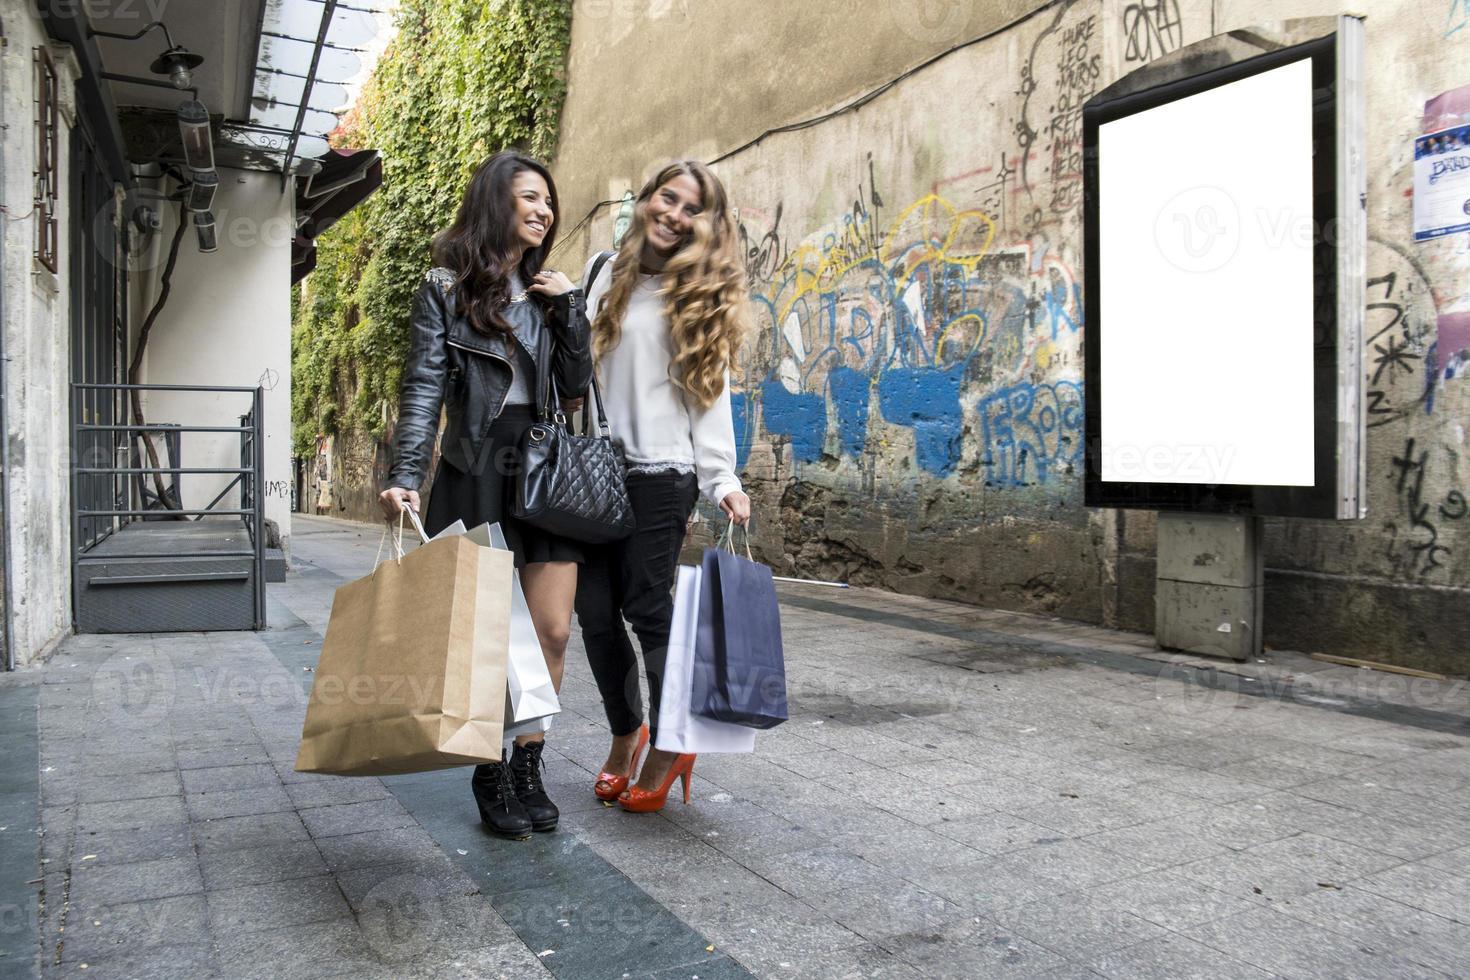 deux filles parlent et marchent photo